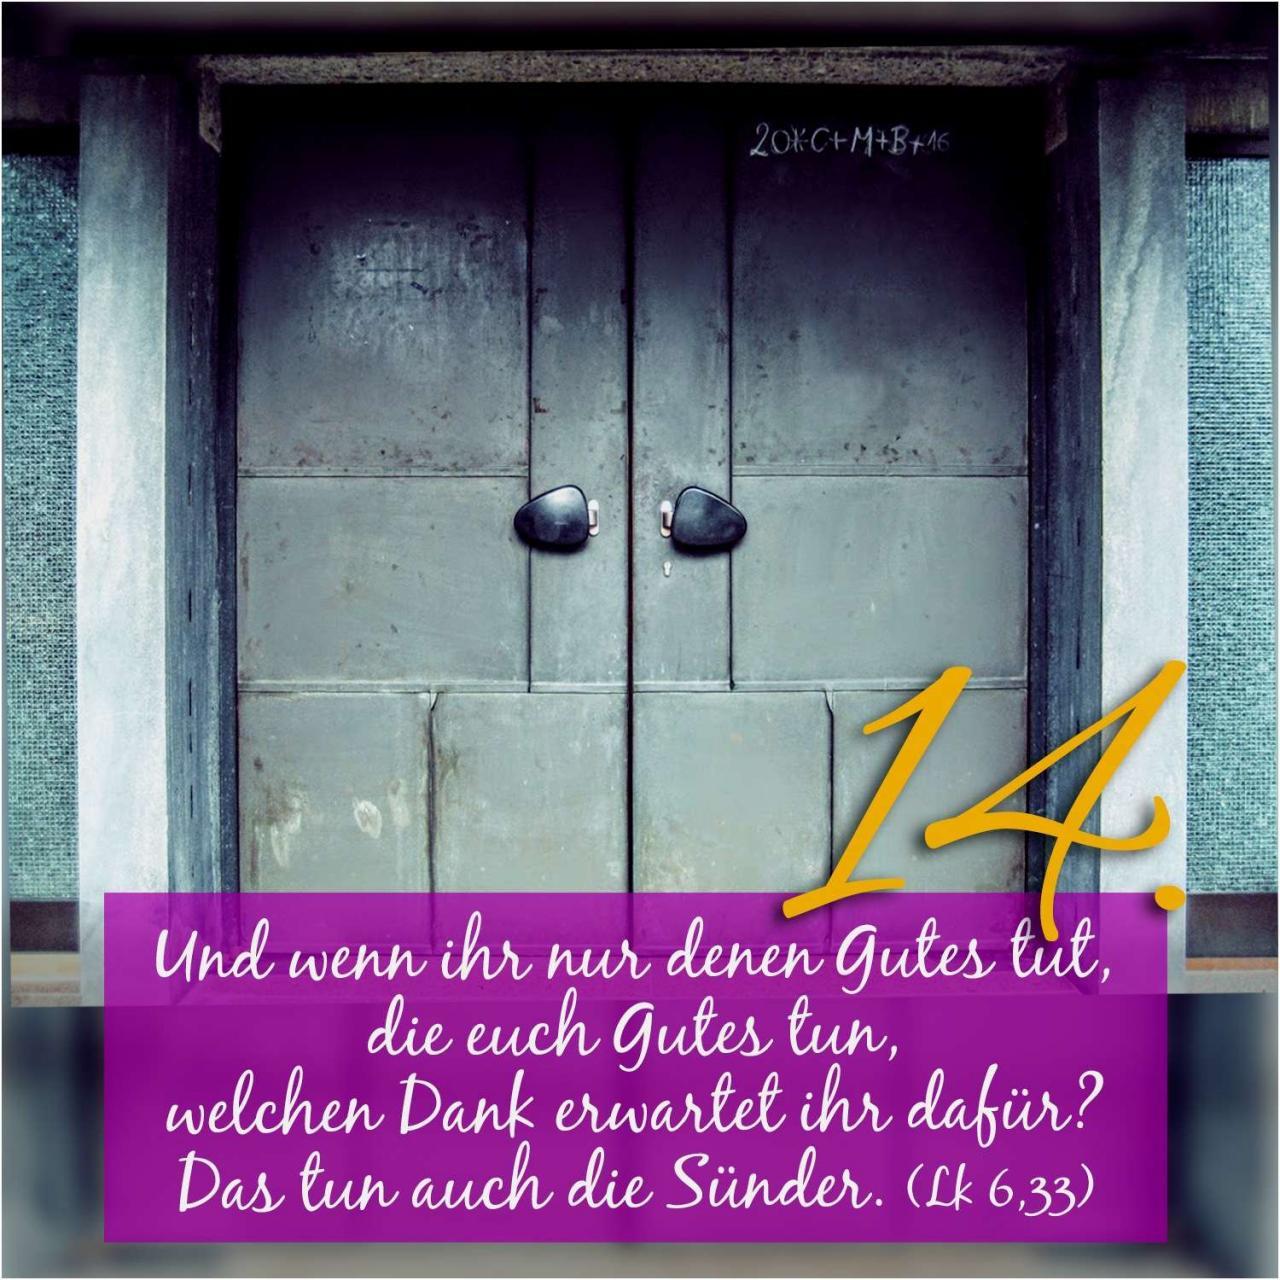 Zitat Zum Advent Von Papst Franziskus Kirchentre St Maria Zitat Zum Advent Aus Der Bibel Lk